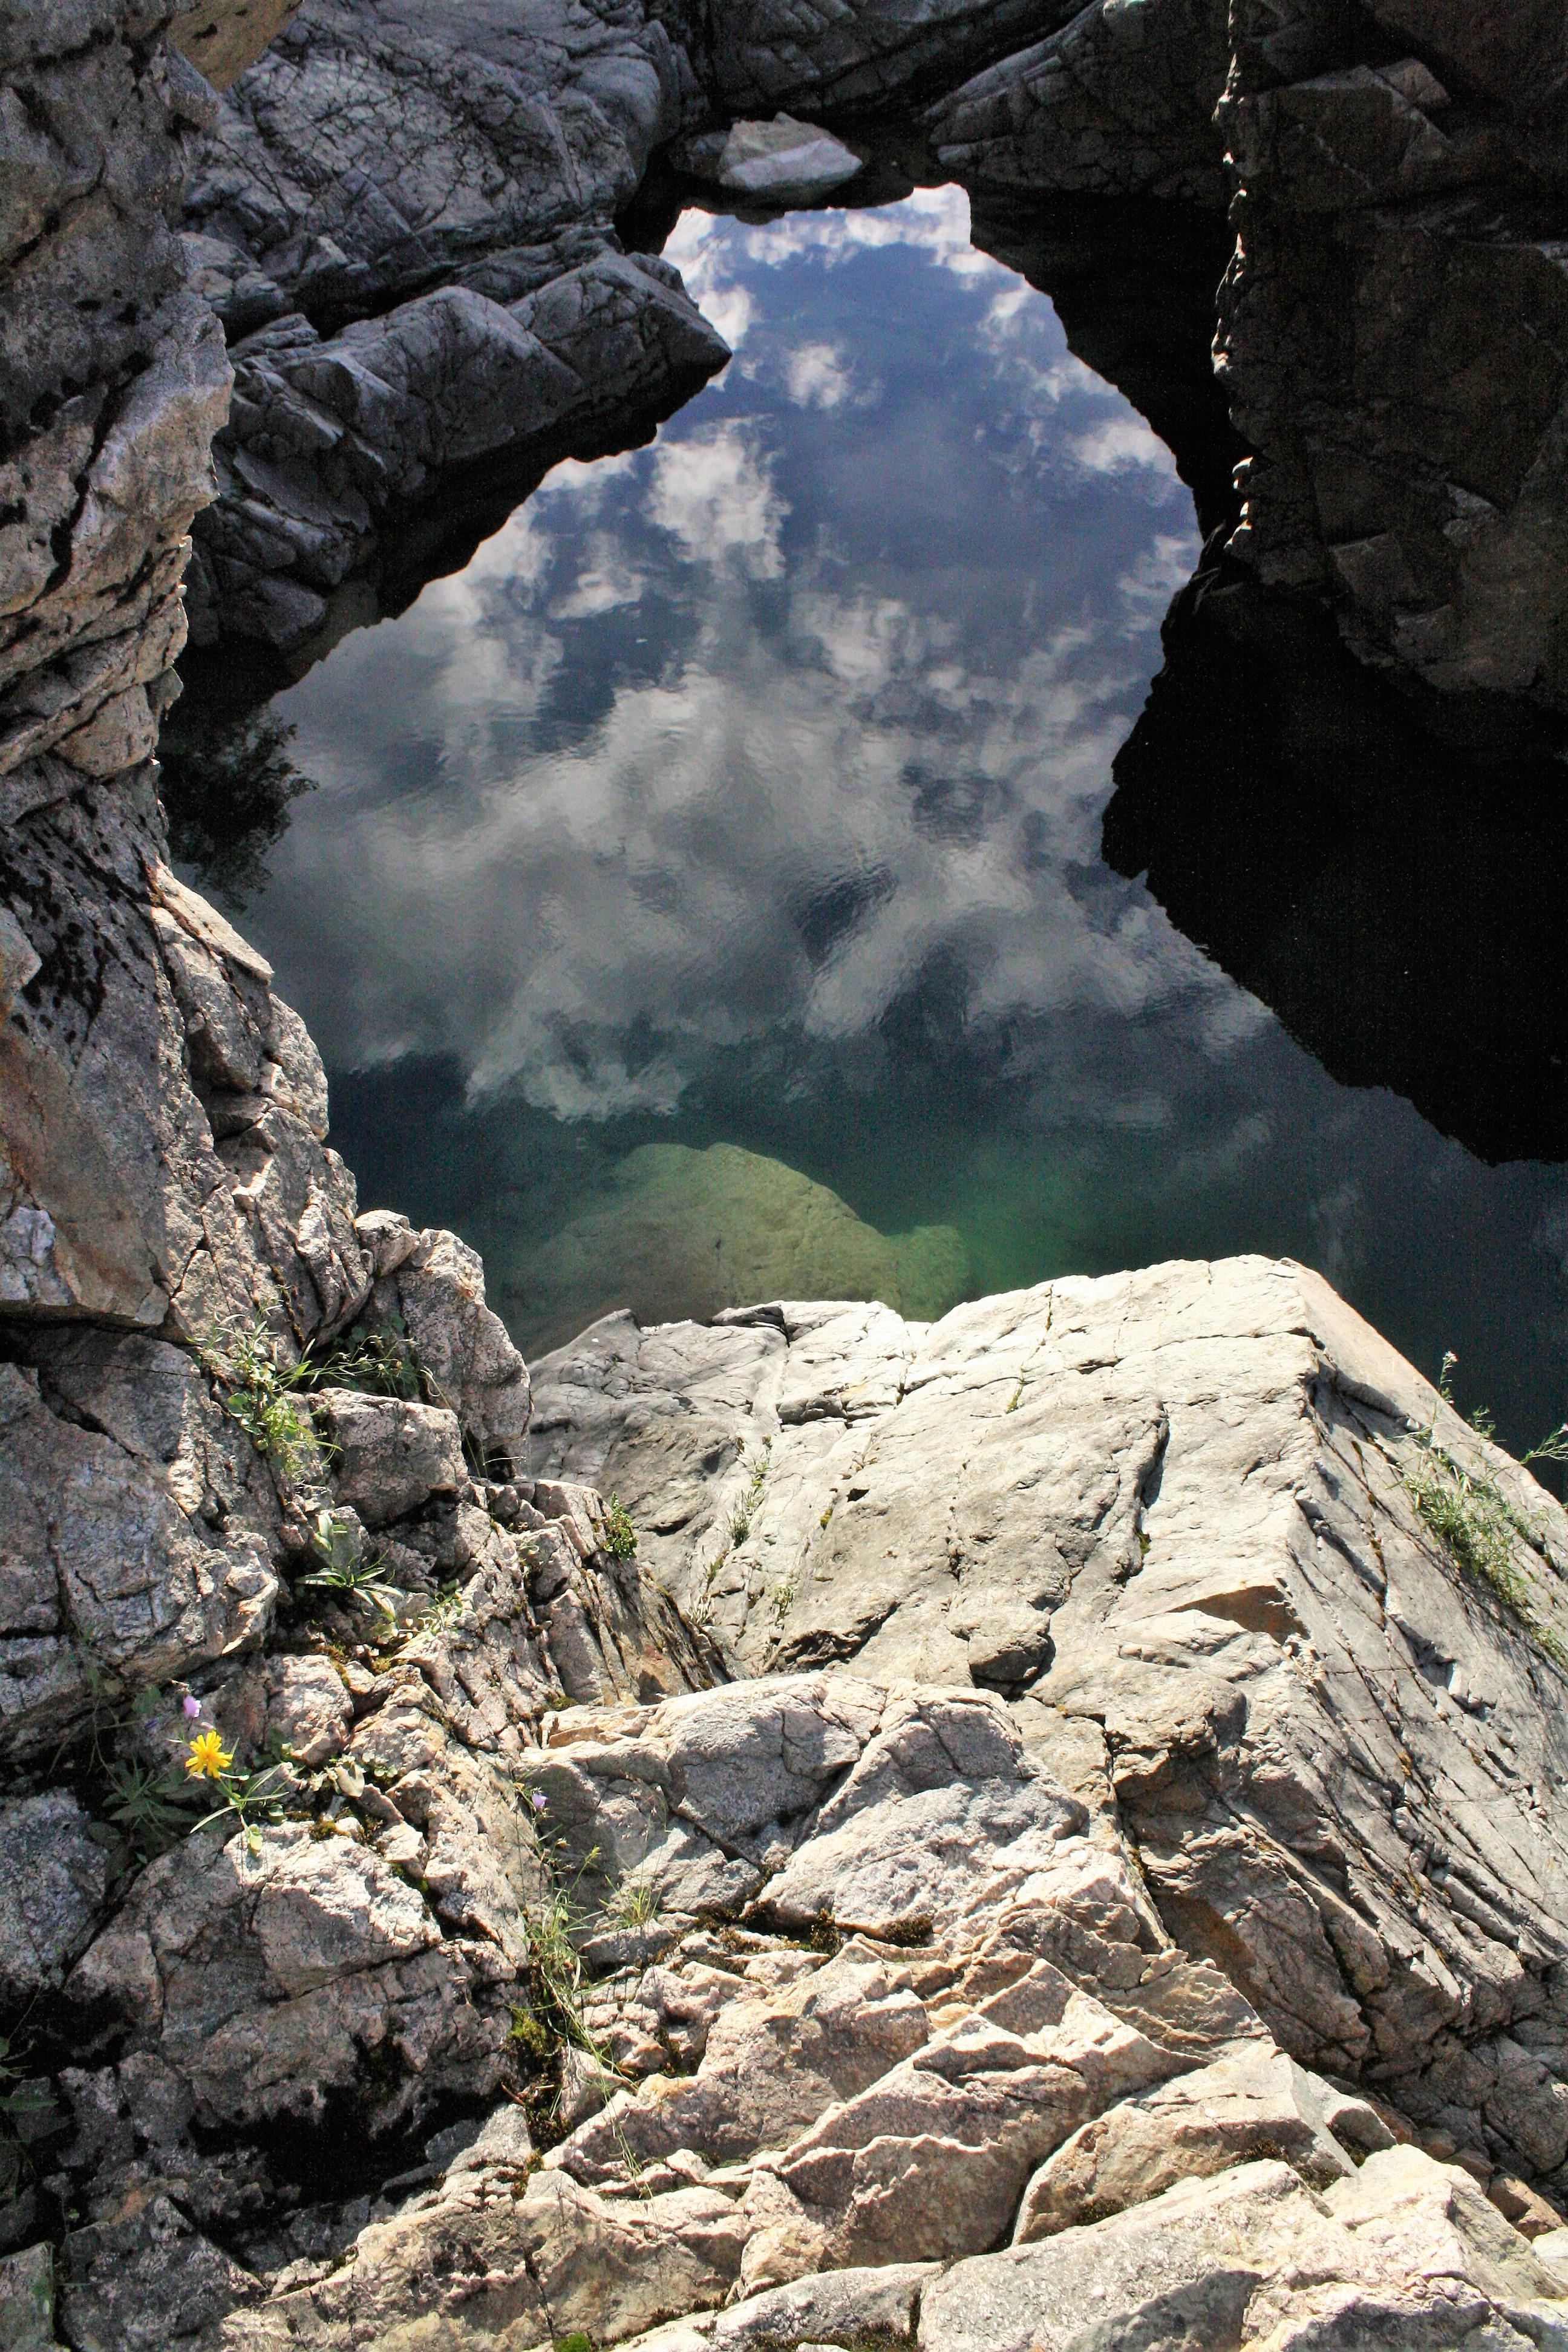 DM_nature_landscape_gimliparadise_0361